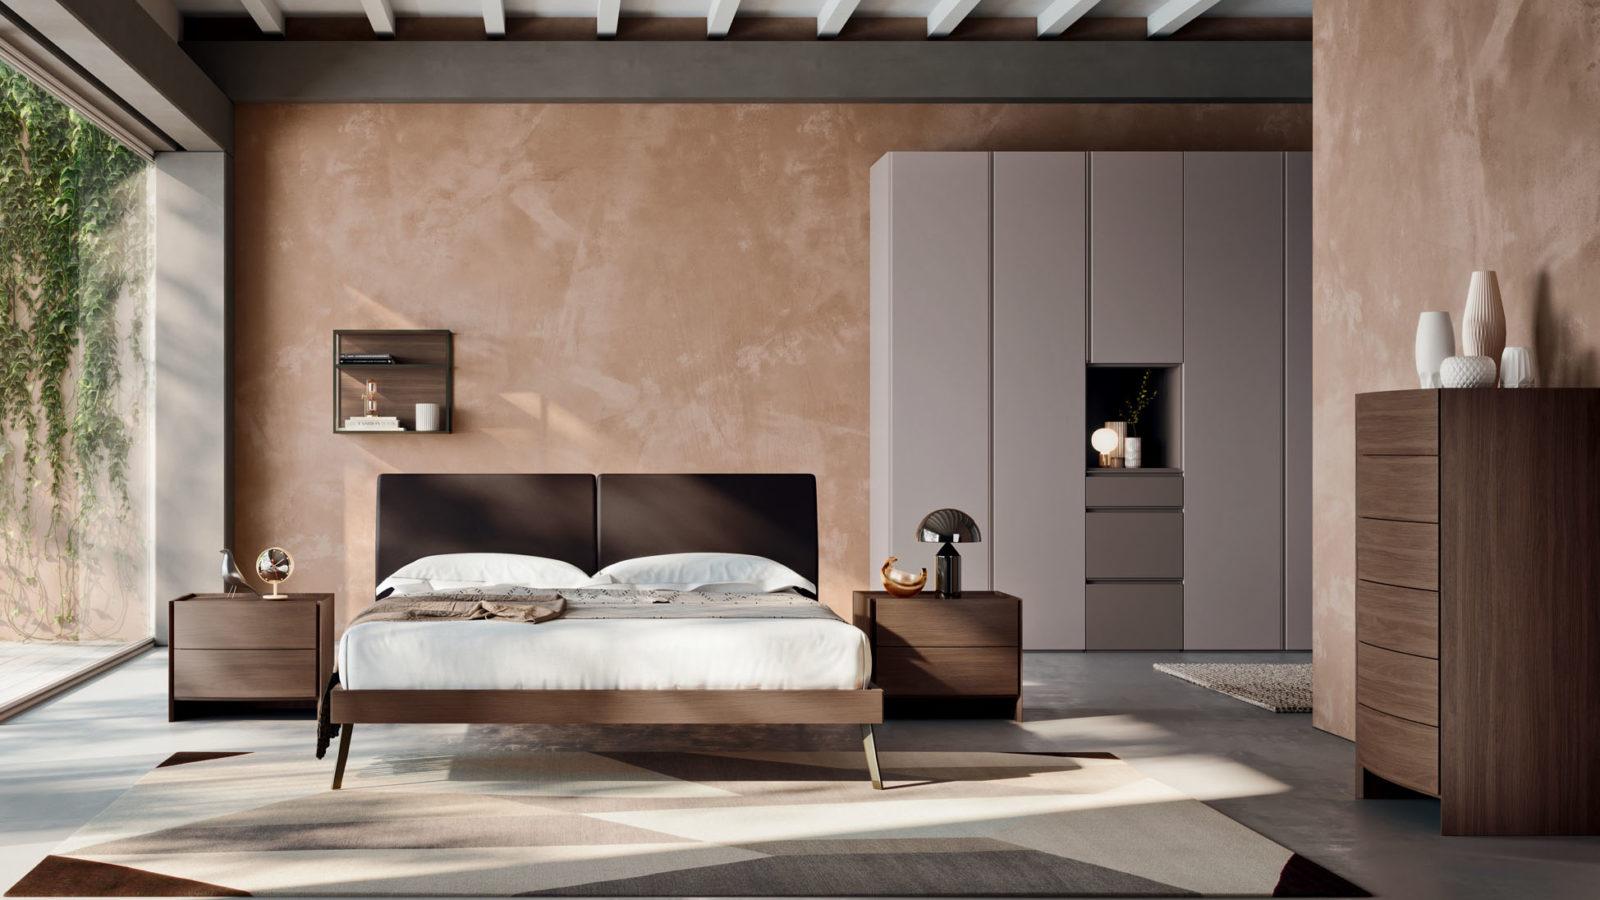 letto-ofelia-0-orme-1600x900-1